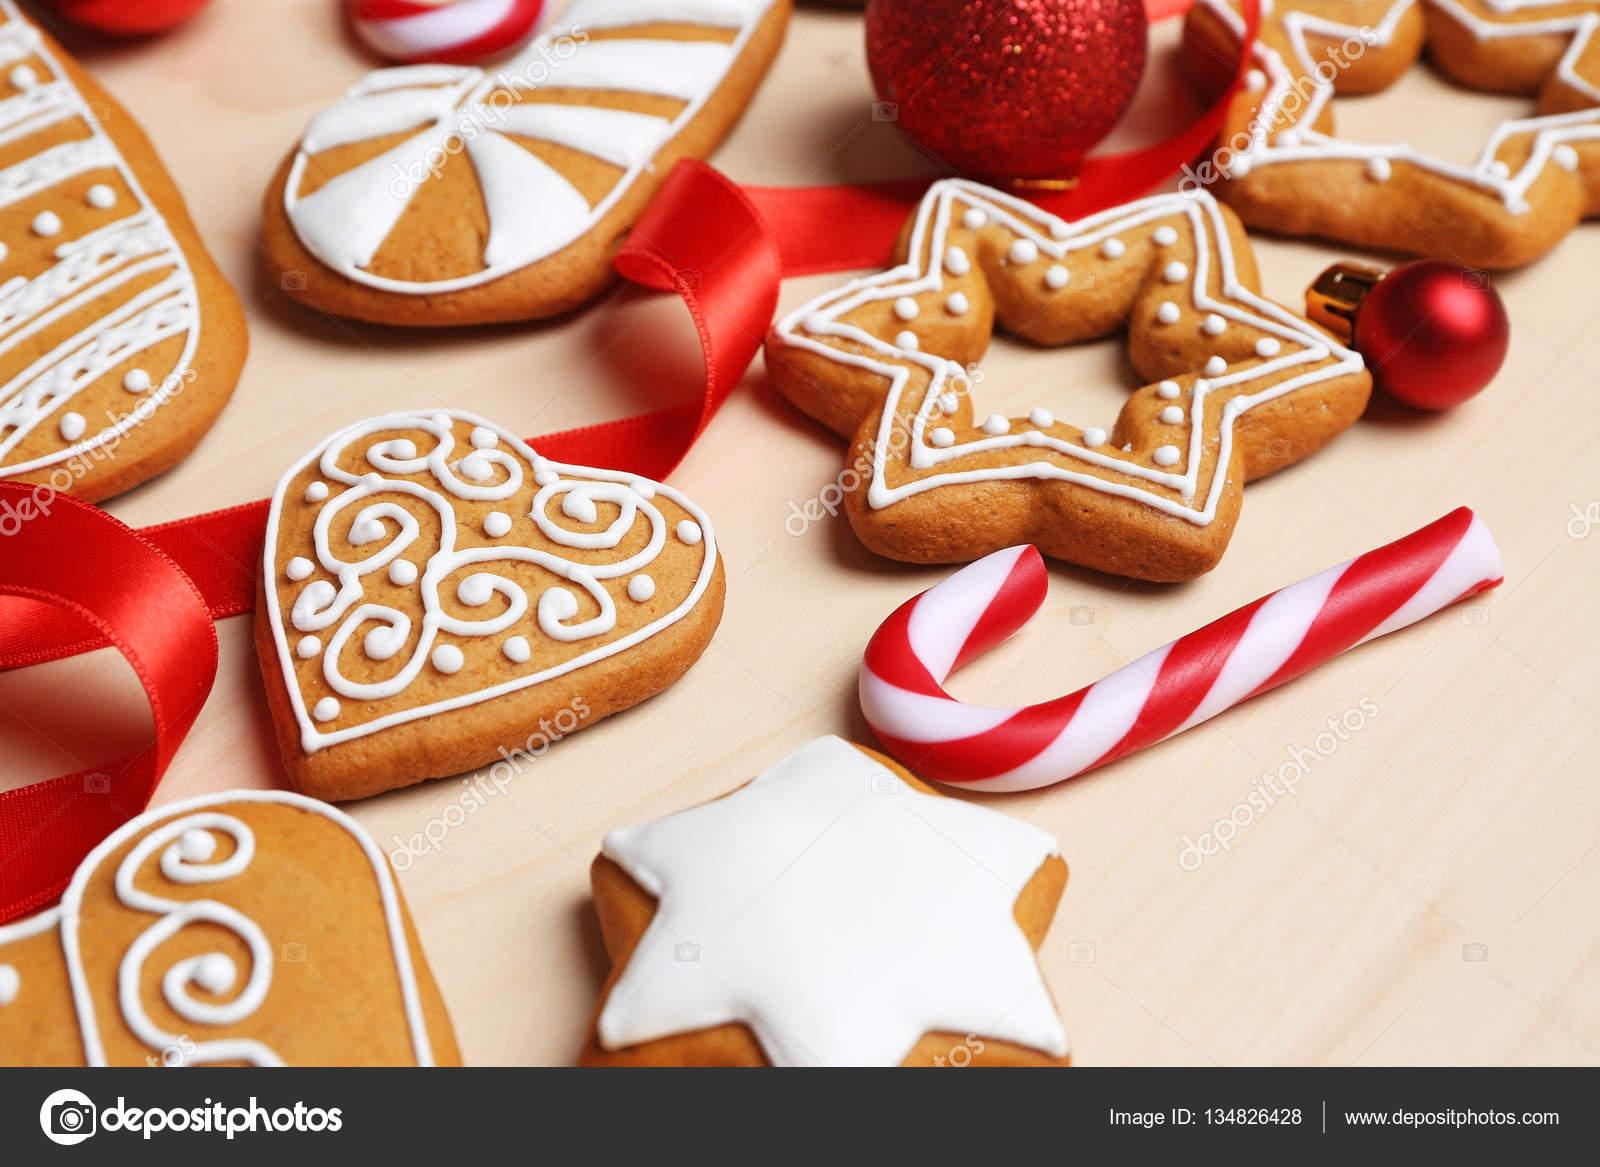 Leckere Lebkuchen Und Weihnachts Dekor Stockfoto C Belchonock